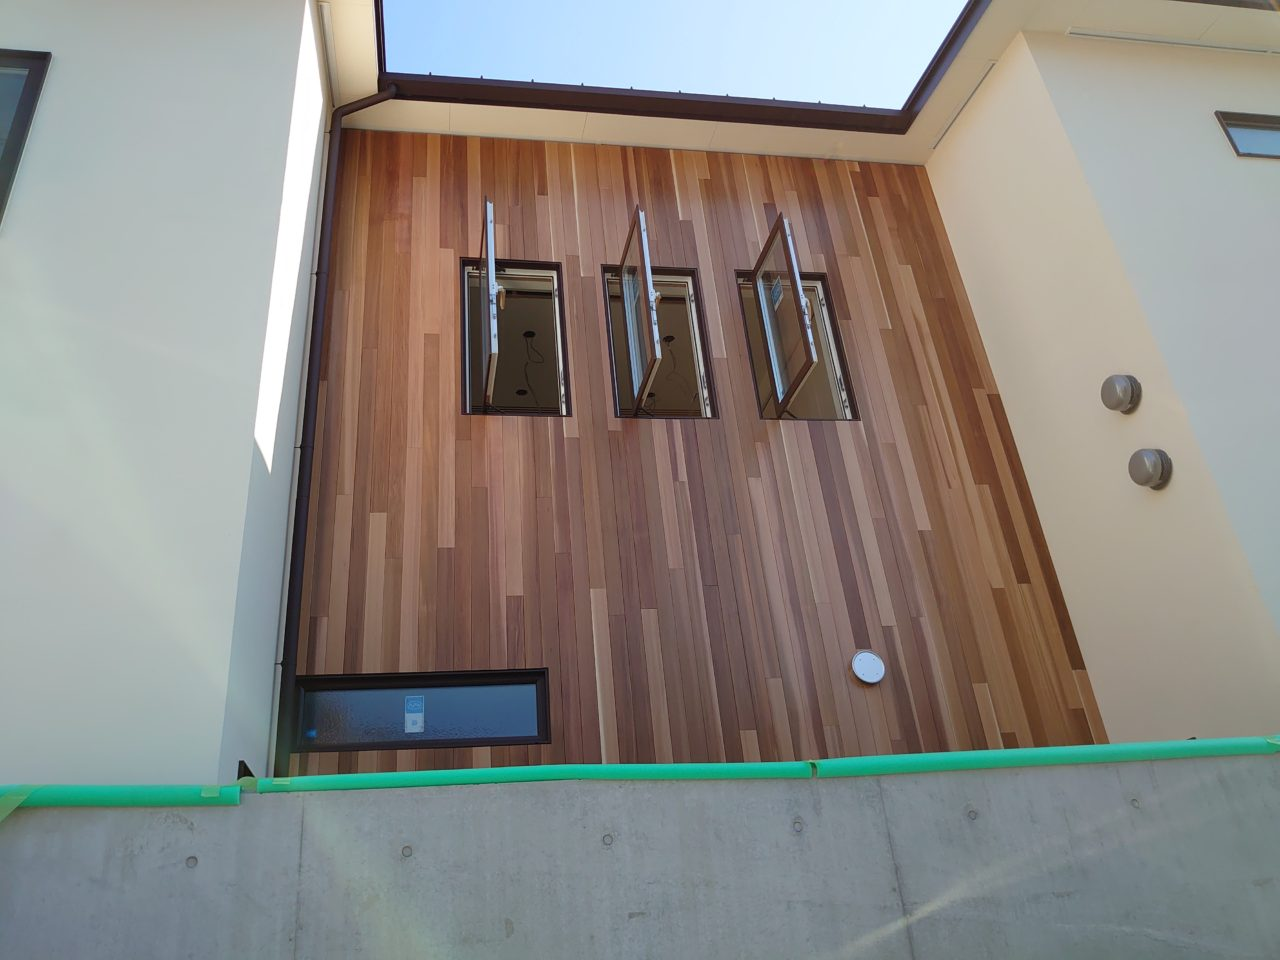 ベイスギ液体ガラス塗装の外壁